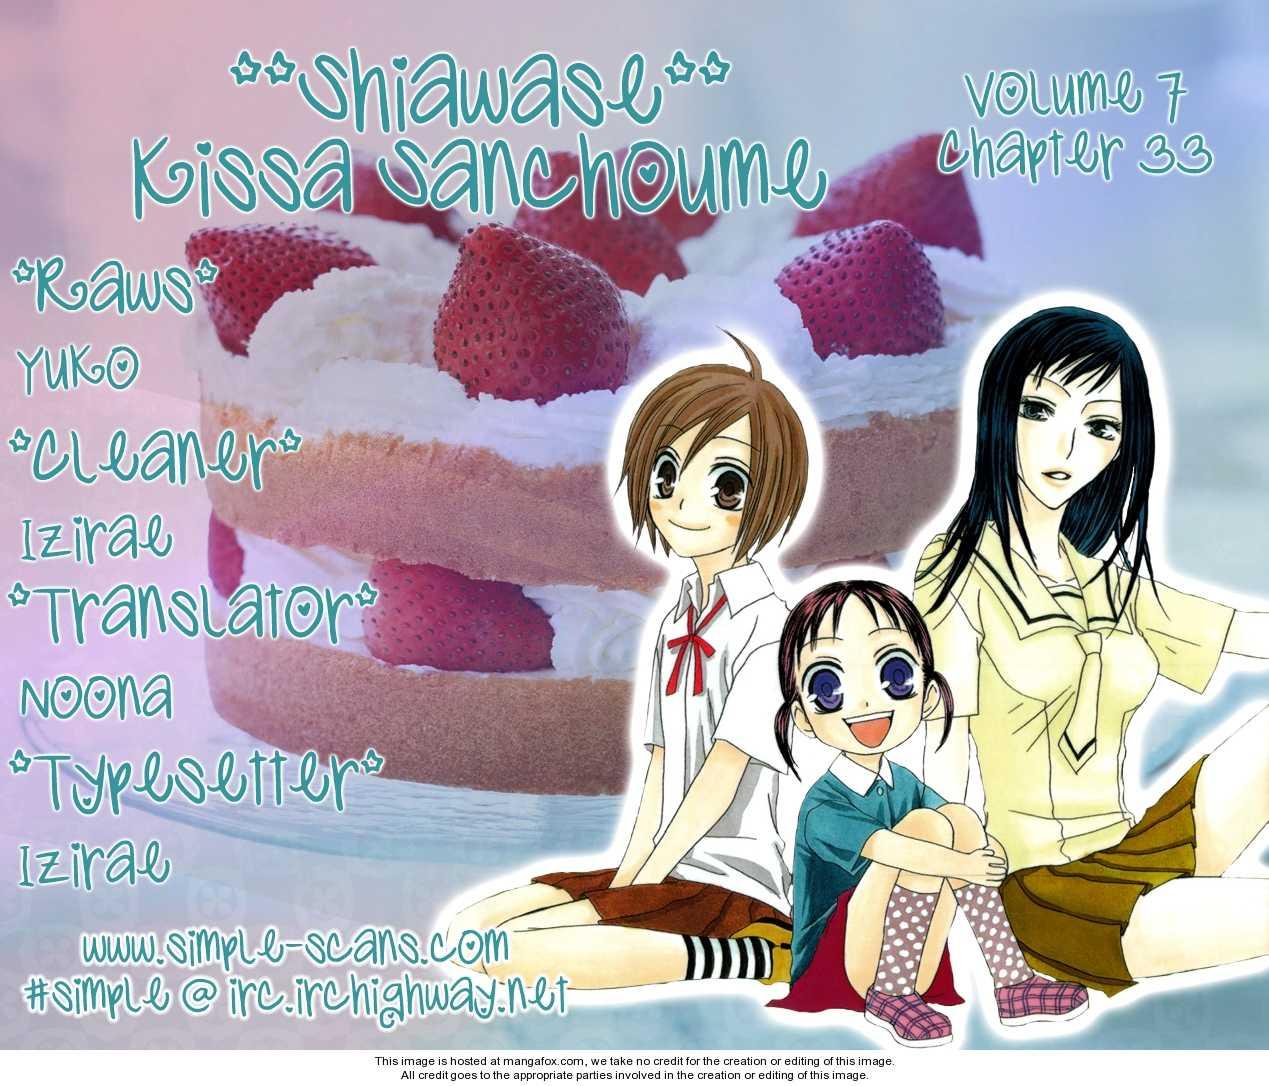 Shiawase Kissa Sanchoume 33 Page 1